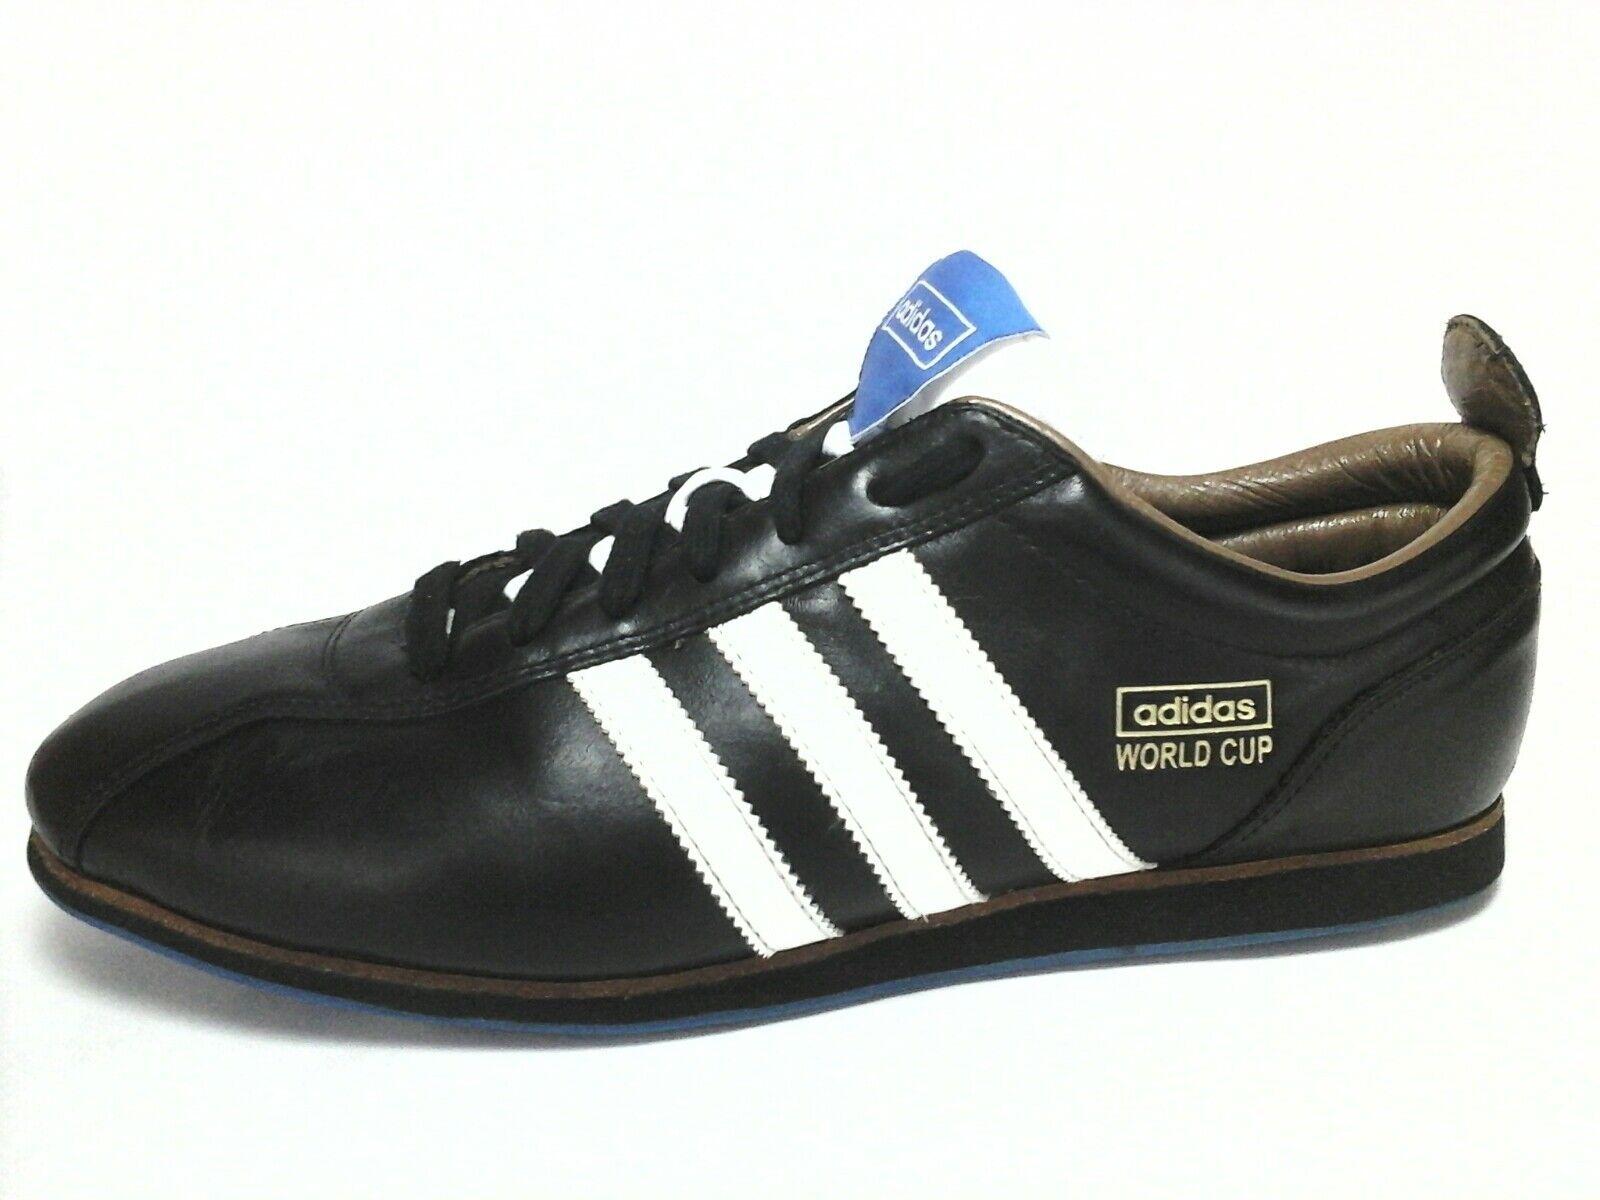 ADIDAS Originals WORLD CUP 66 Hombre Negro sneakers SAMBA Soccer Hombre 66 US a53618